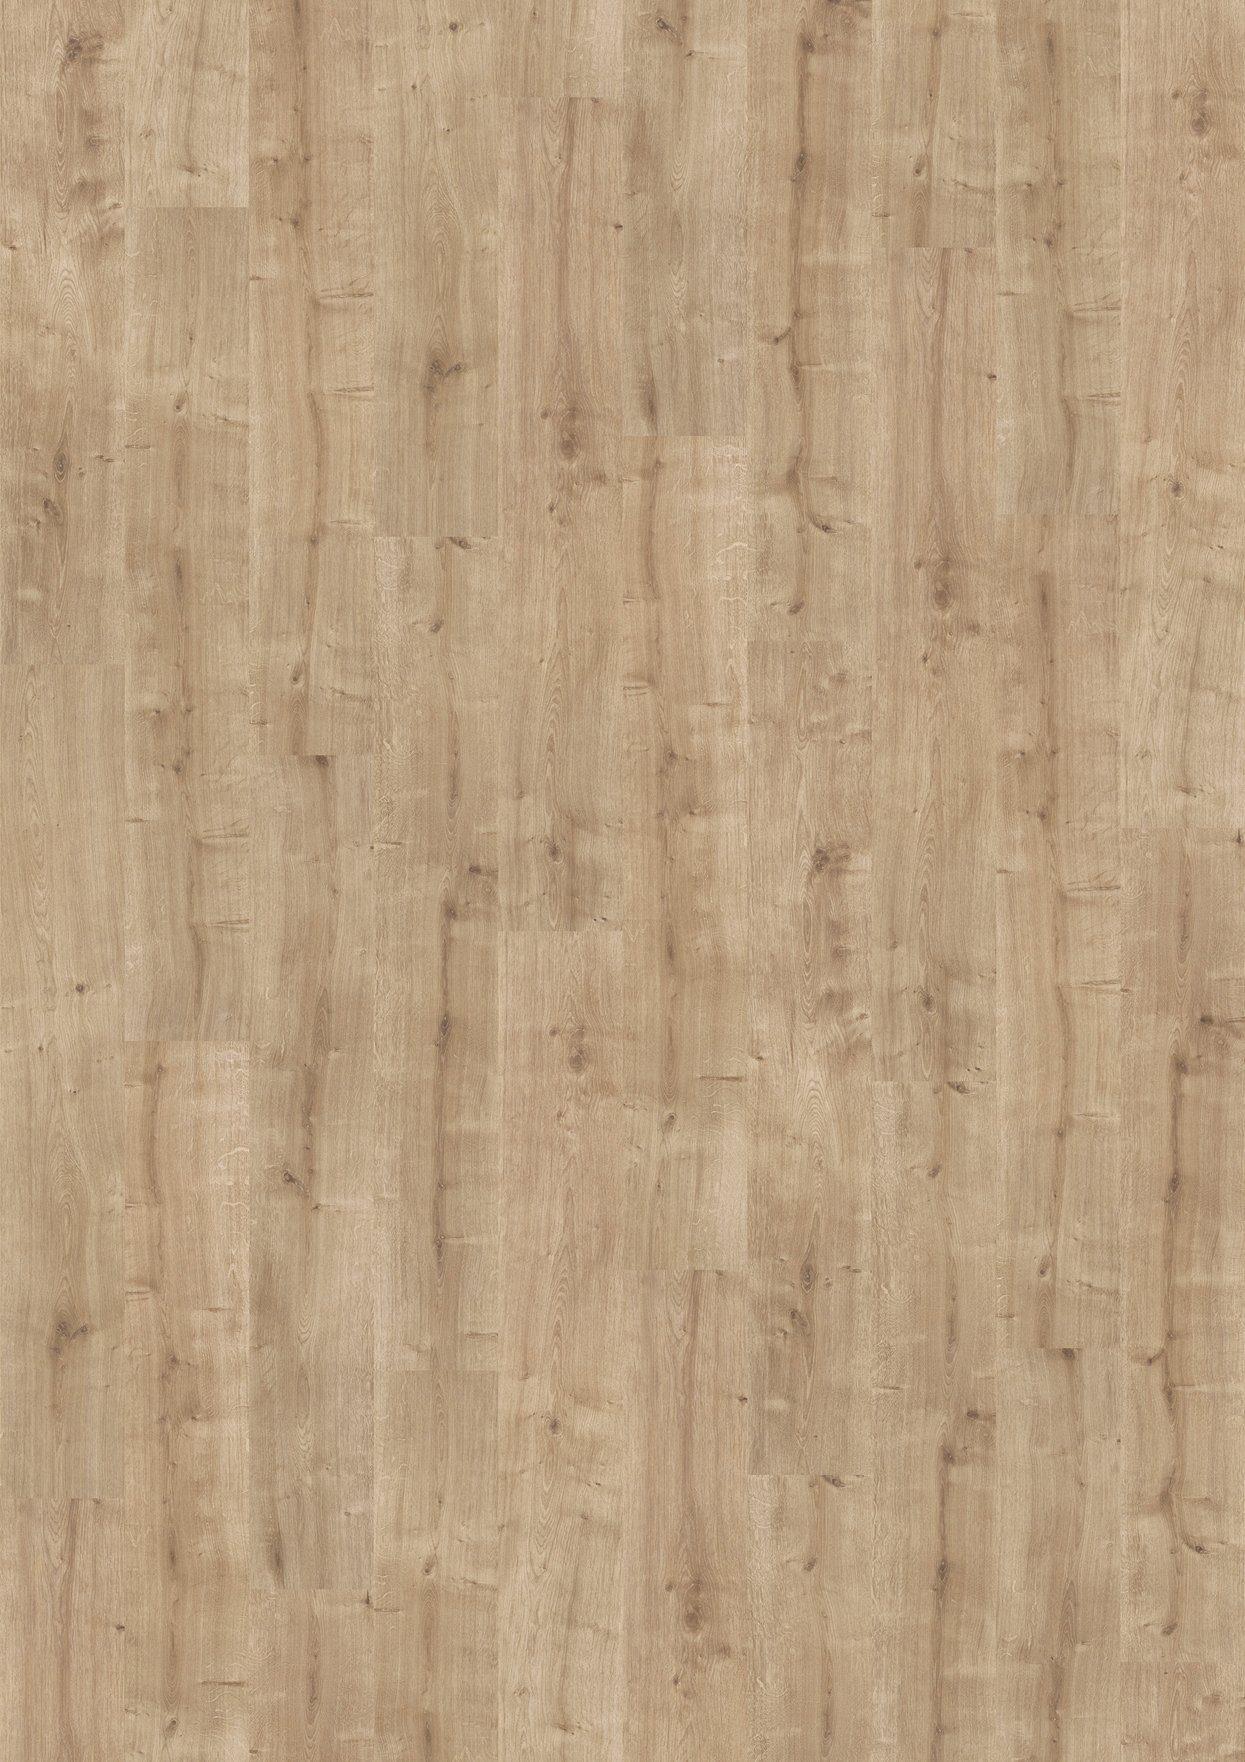 PARADOR Laminat »Basic 400 - Eiche geschliffen«, 1285 x 194 mm, Stärke: 8 mm